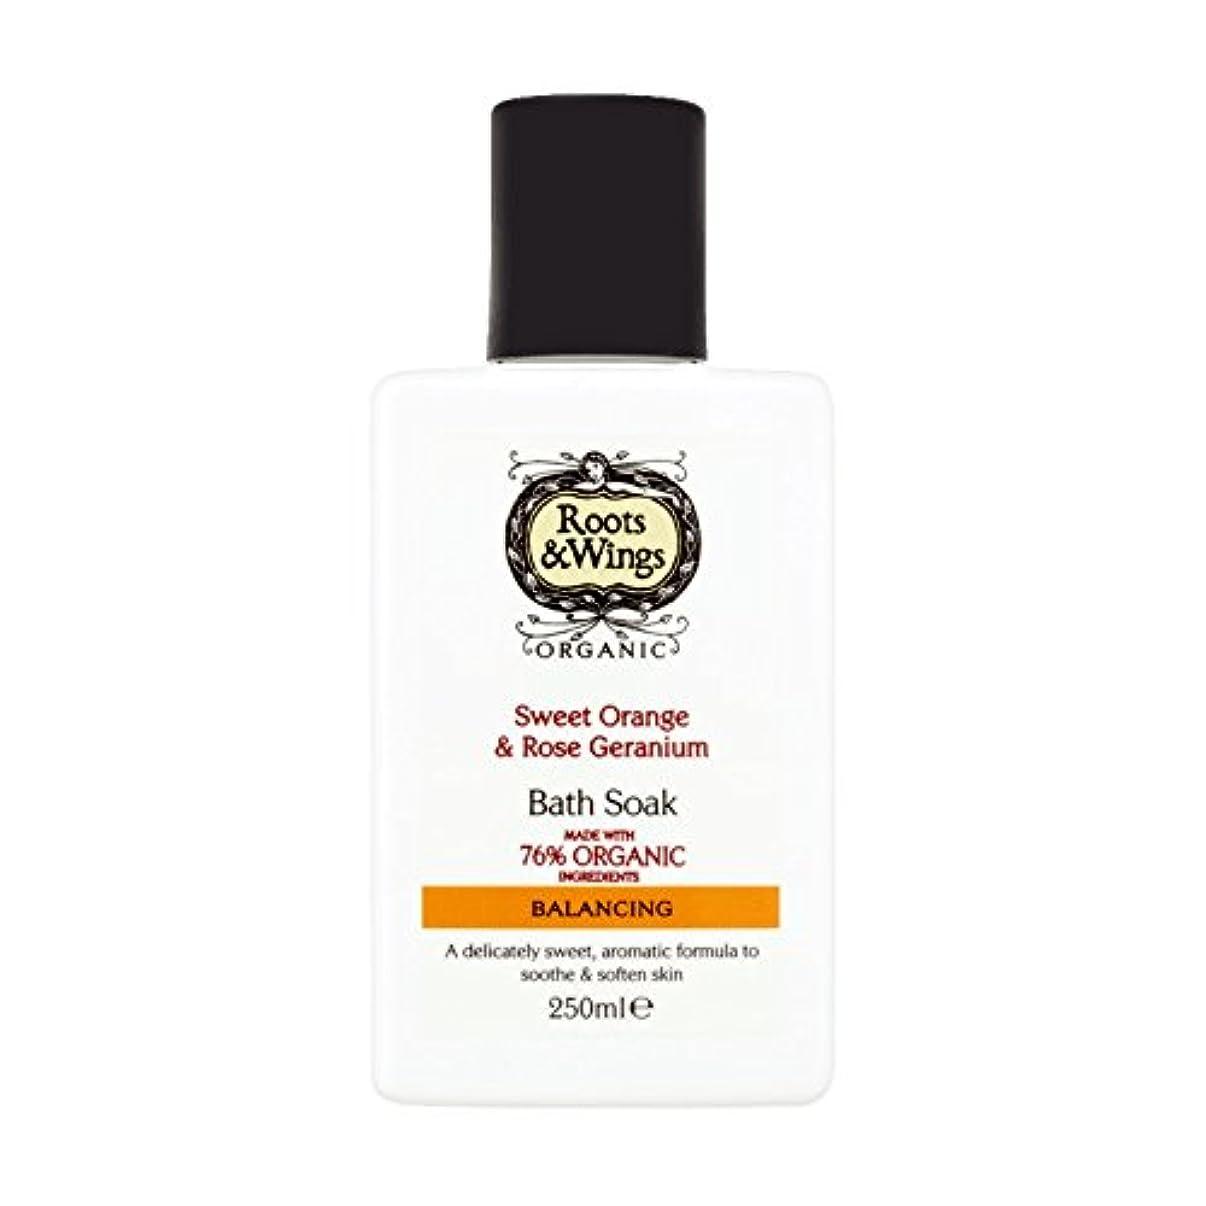 ゆるく福祉ミシン目Roots & Wings Bath Soak Sweet Orange & Rose Geranium 250ml (Pack of 6) - ルーツ&翼バス甘いオレンジを浸し&ゼラニウム250ミリリットルをバラ (x6...